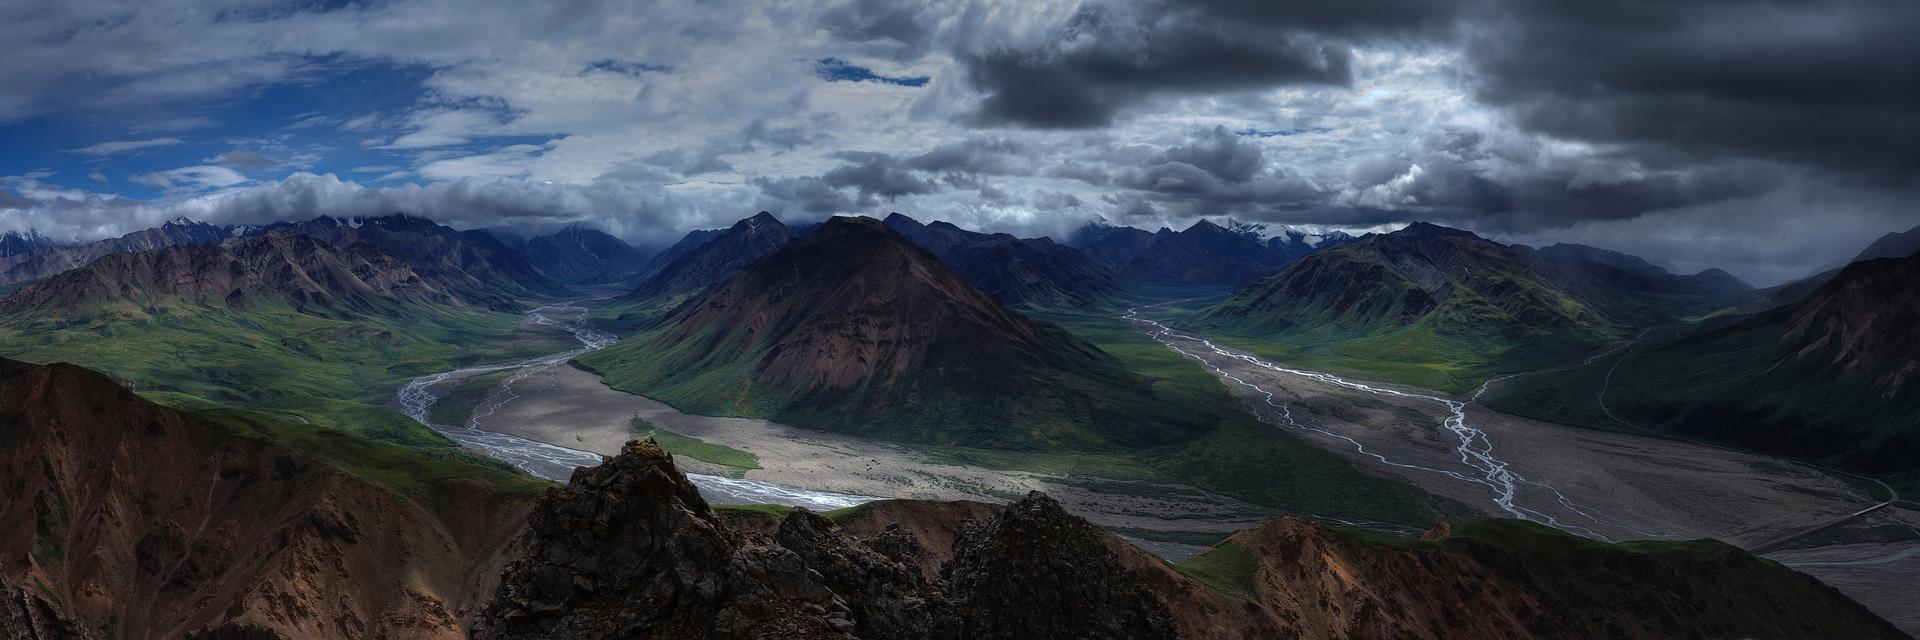 Krajina je krásná a drsná - www.pixabay.com